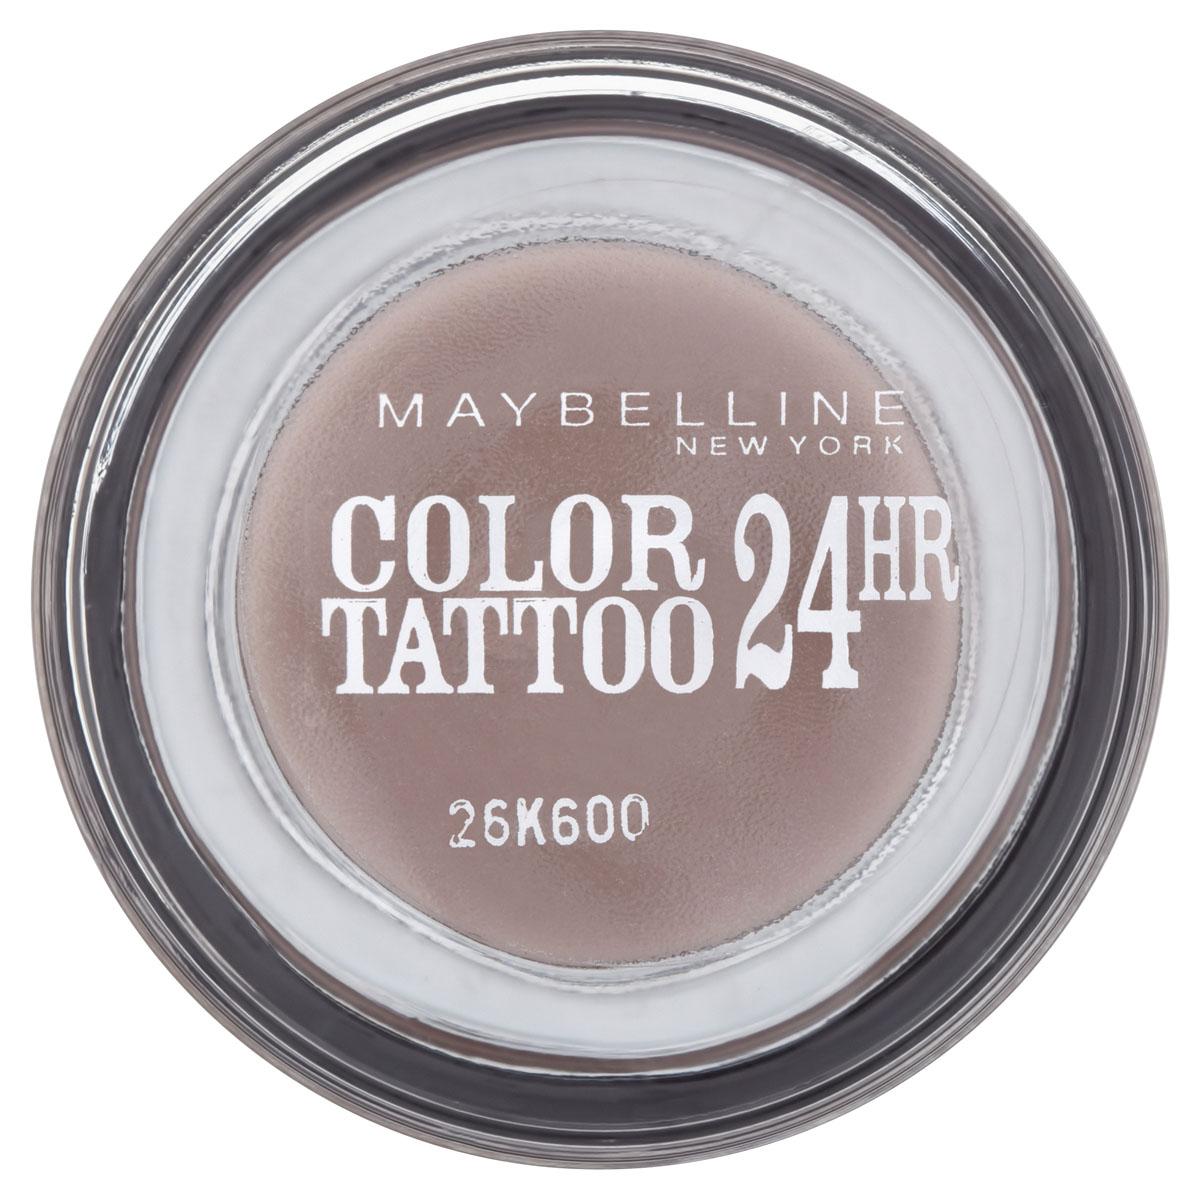 Maybelline New York Тени для век Color Tattoo 24 часа, оттенок 40, Долговечный коричневый, 4 млB1949700Осмелься на ультраяркий, самый стойкий цвет!Супернасыщенные крем-гелевые тени с технологией тату-пигментов.Насыщенные, устойчивые тениMaybelline Color Tattoo 24 часа предназначены для дневного и вечернего макияжа. Тени словно татуировка надежно закрепляются на коже, не боятся влаги, не скатываются и не размазываются, даже если потереть глаза рукой.Товар сертифицирован.